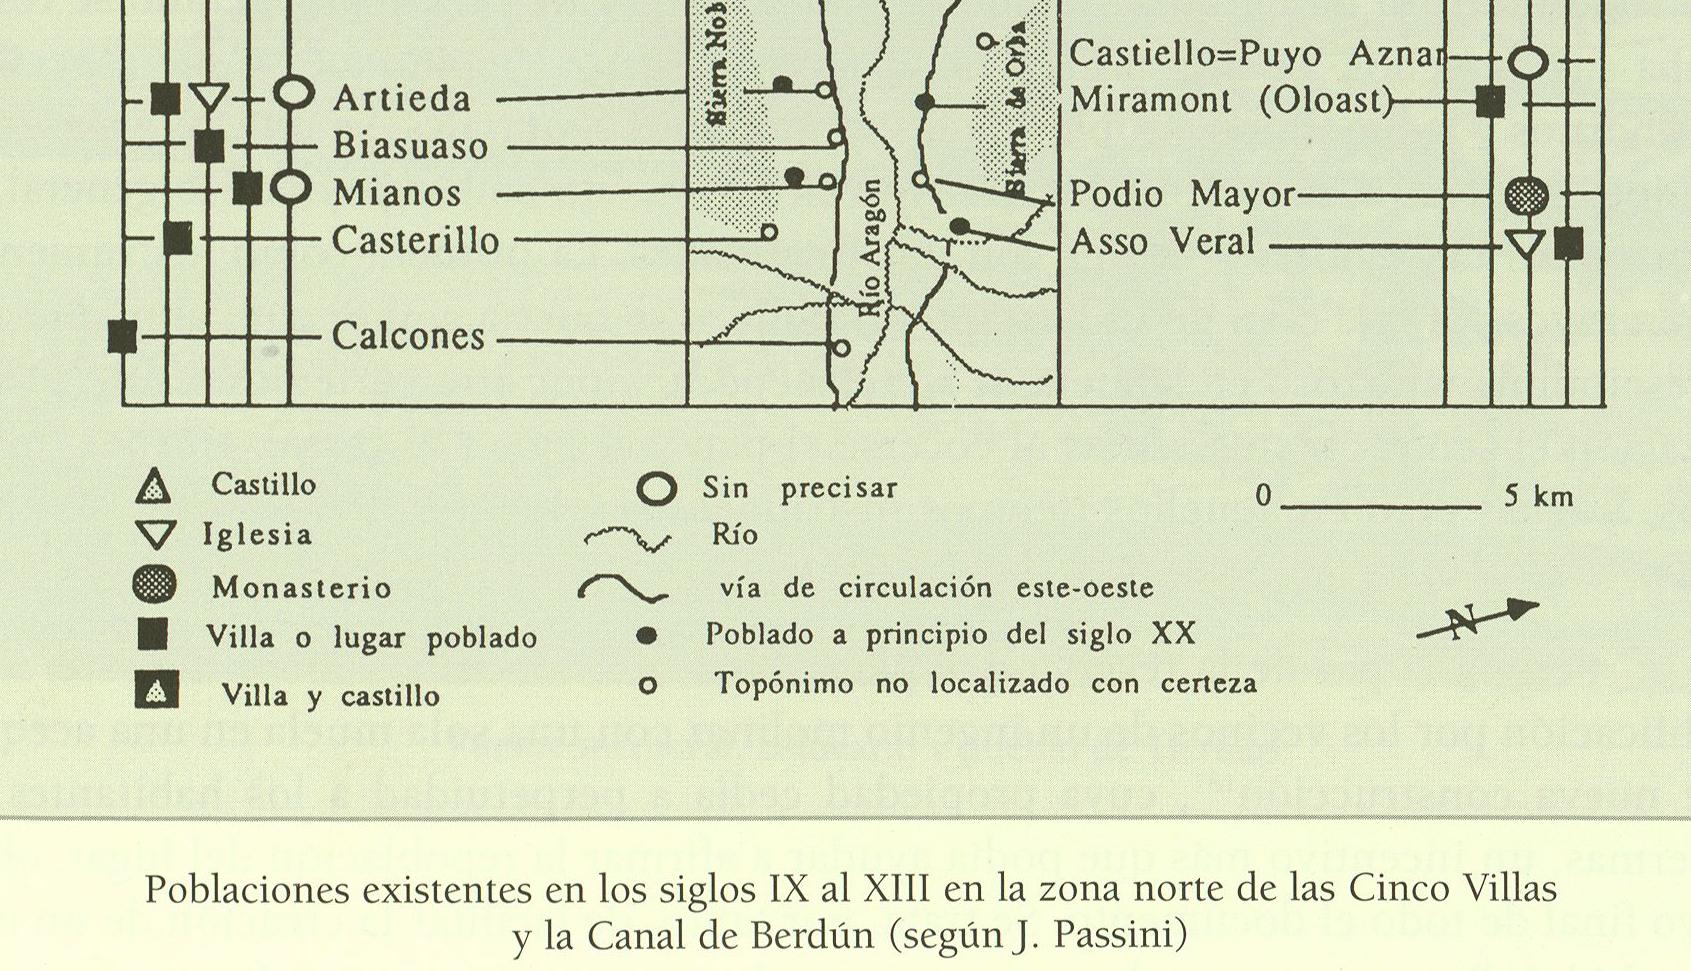 La Canal de Berdún entre los siglos IX y XIII